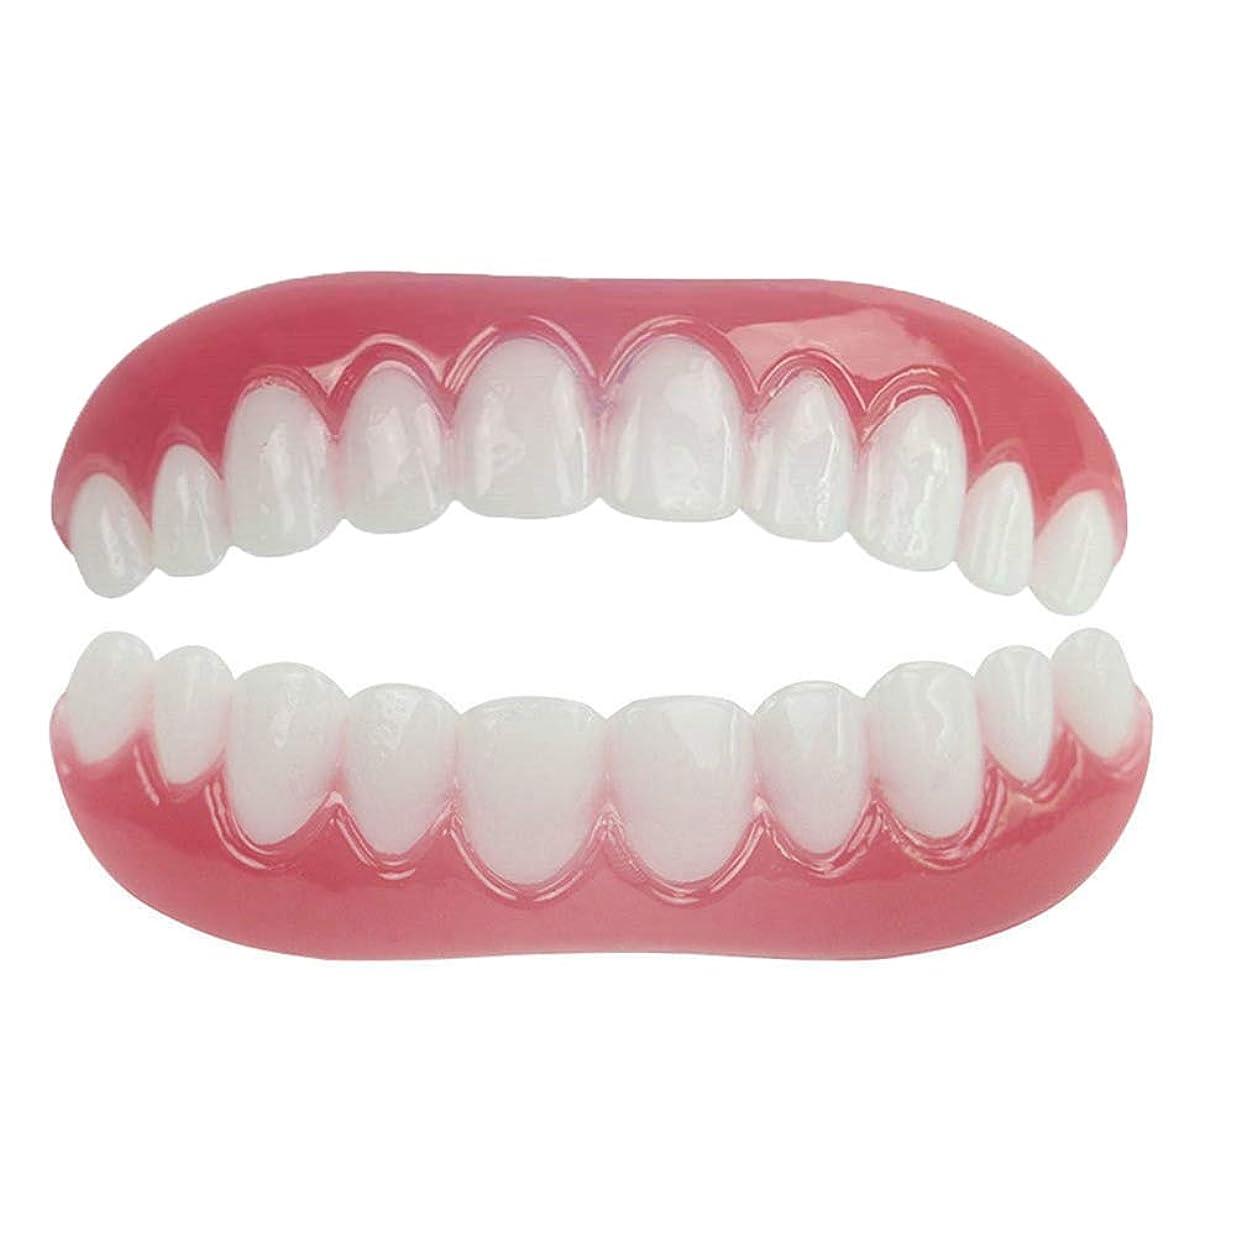 シリコンシミュレーションの上下の義歯スリーブ、歯科用ベニヤホワイトニングティーセット(2セット),Boxed,UpperLower